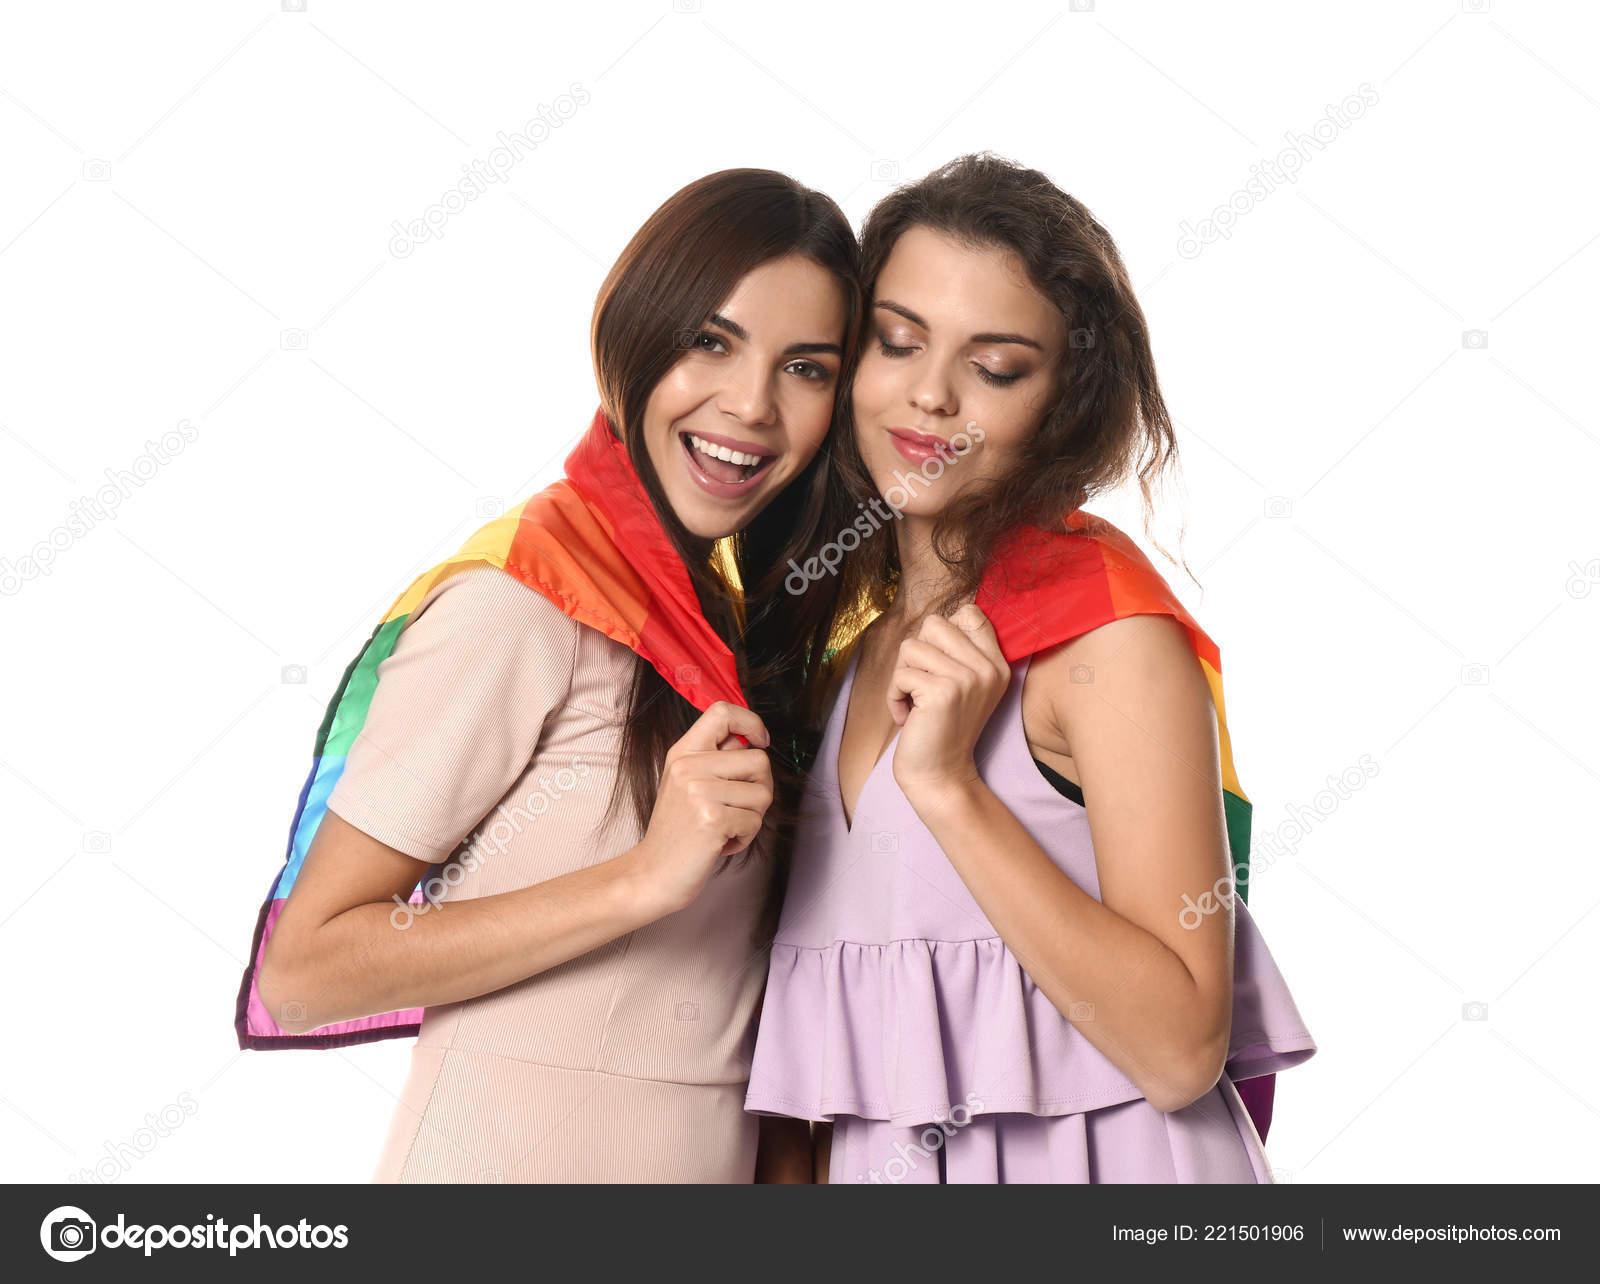 fehér leszbikus képekxxx hentai pornó videók